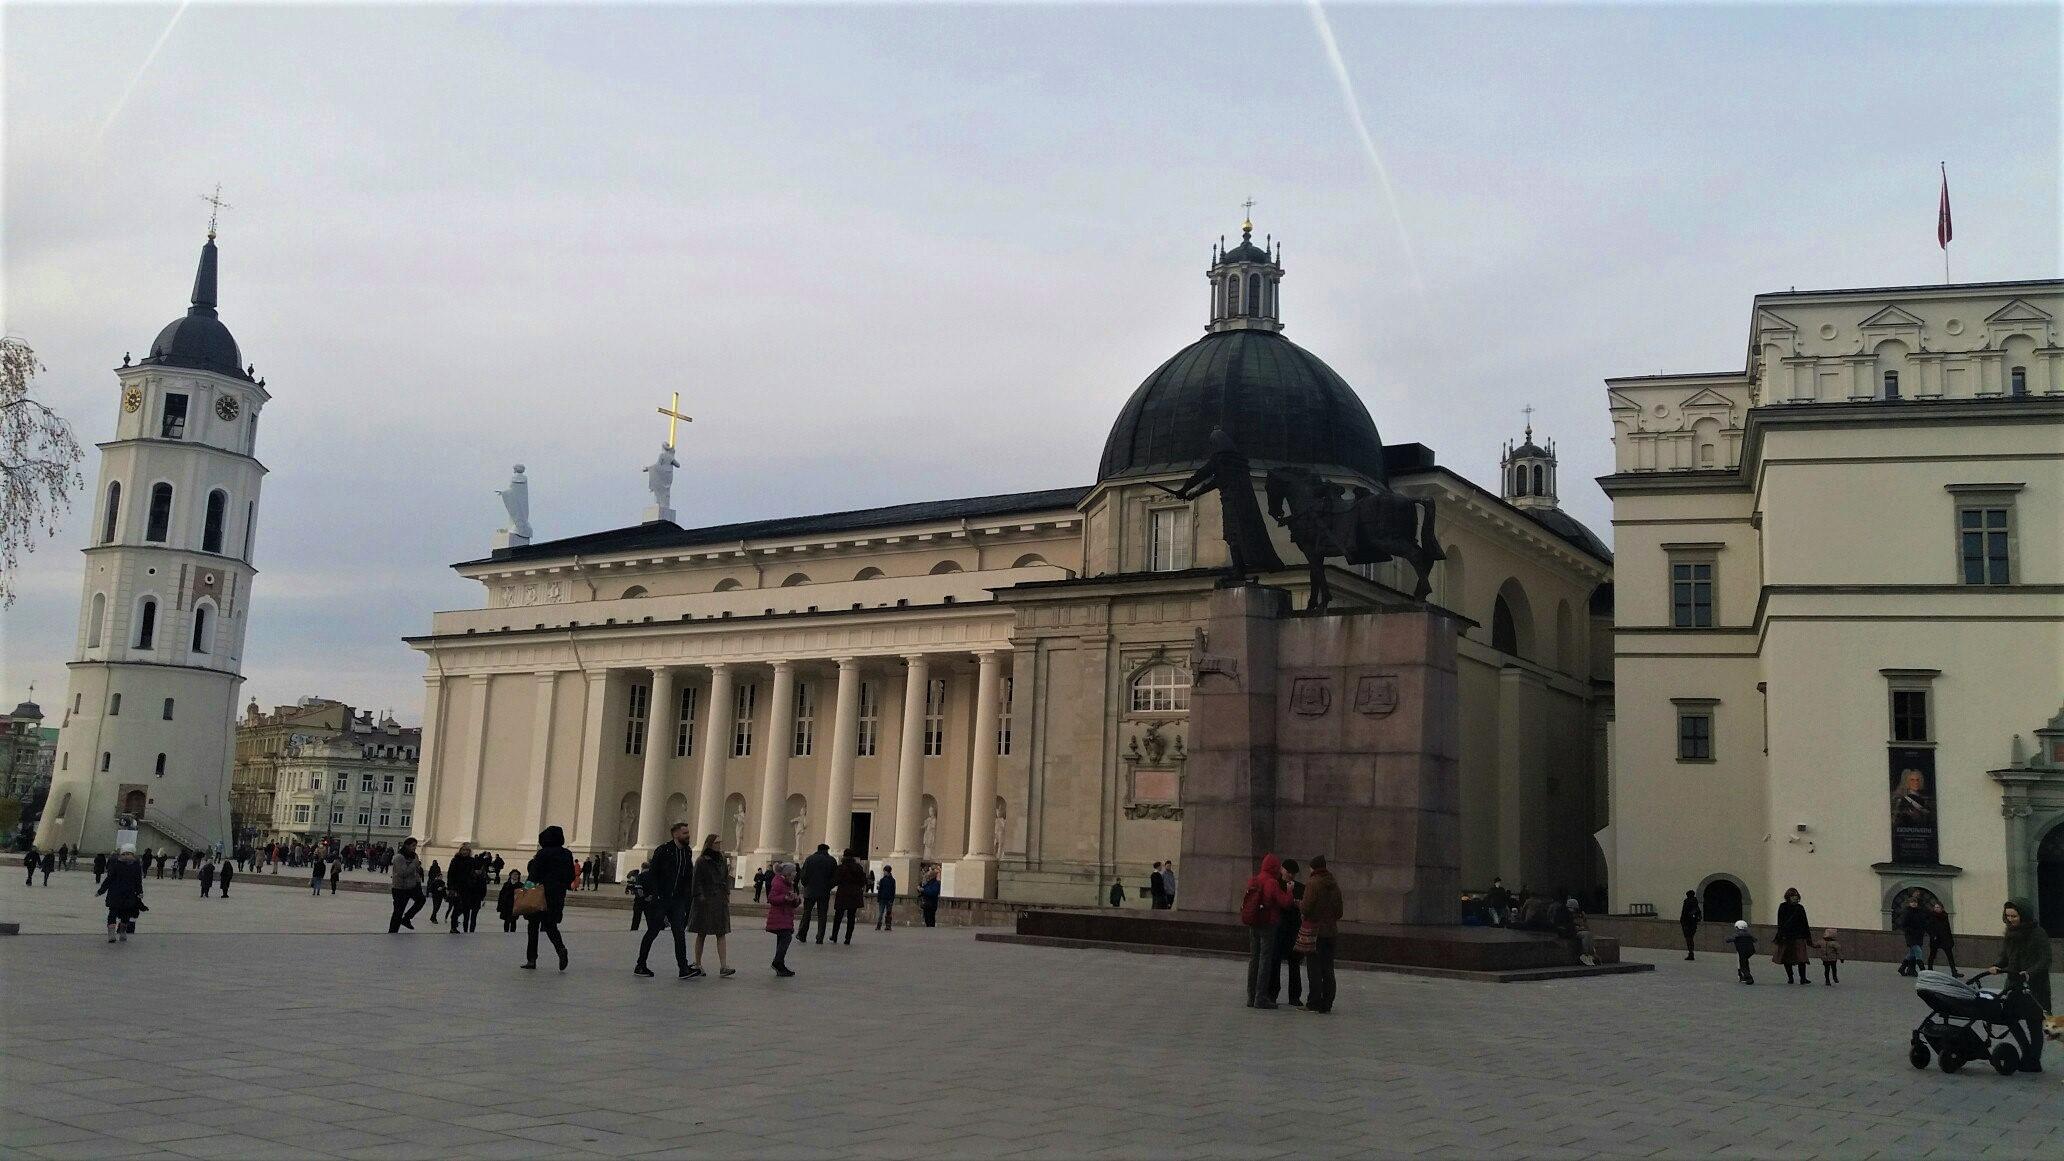 Поездка в Литву: замки, цеппелины и добрый доктор Айболит.Вокруг Света. Украина